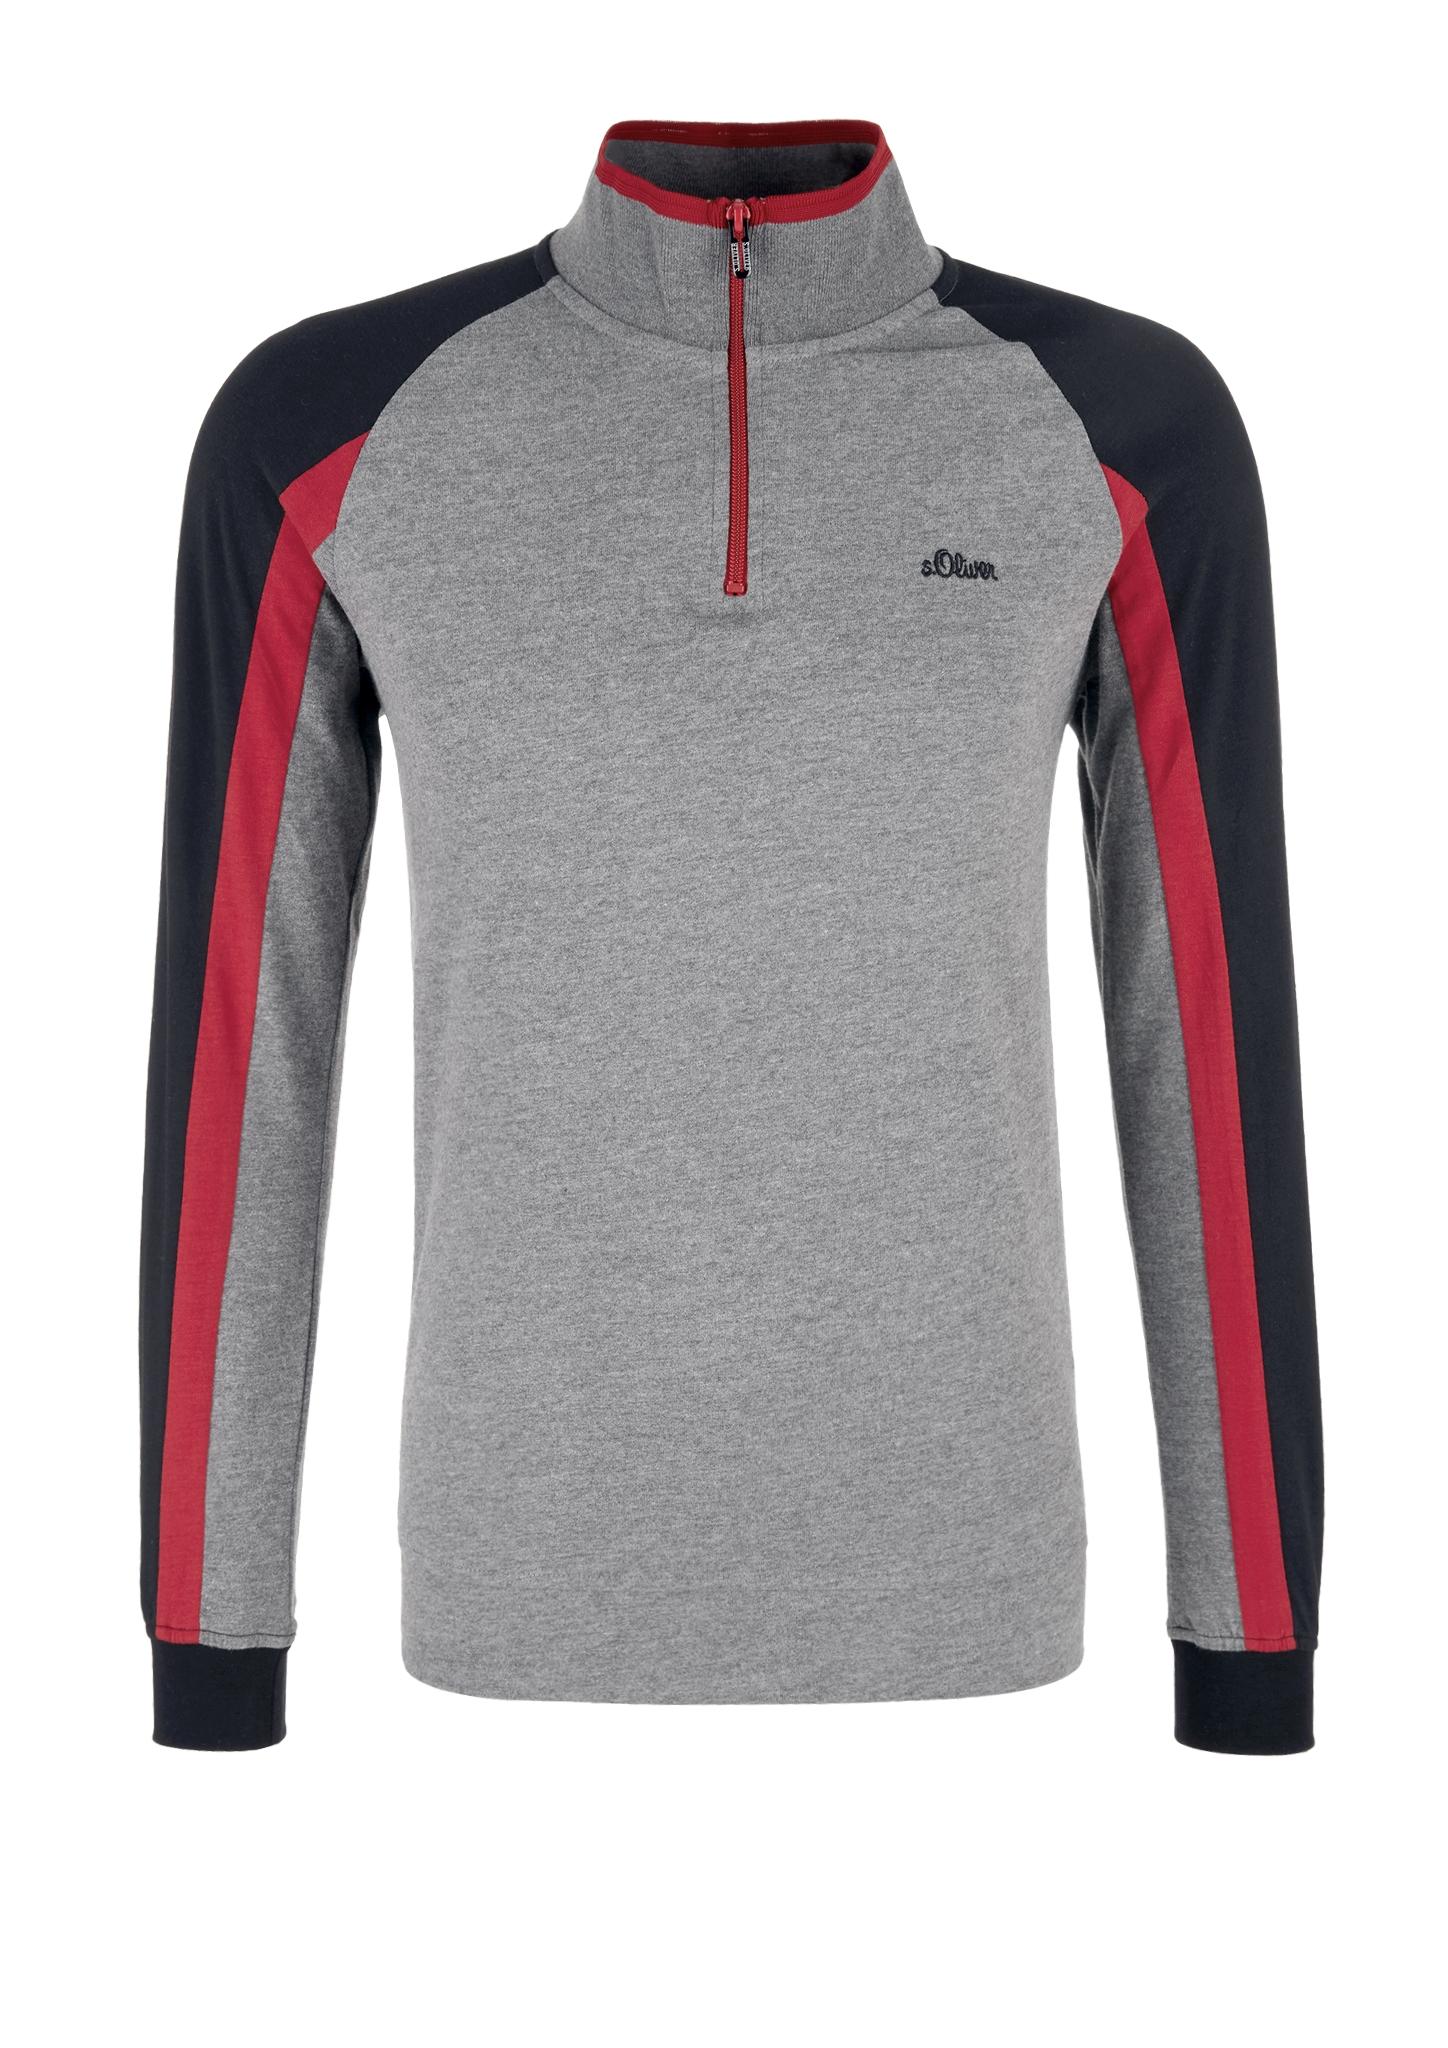 Langarmshirt   Bekleidung > Shirts > Langarm Shirts   Grau/schwarz   Oberstoff: 60% baumwolle -  40% polyester  kragen: 57% baumwolle -  43% polyester  bund 95% baumwolle -  5% elasthan   s.Oliver